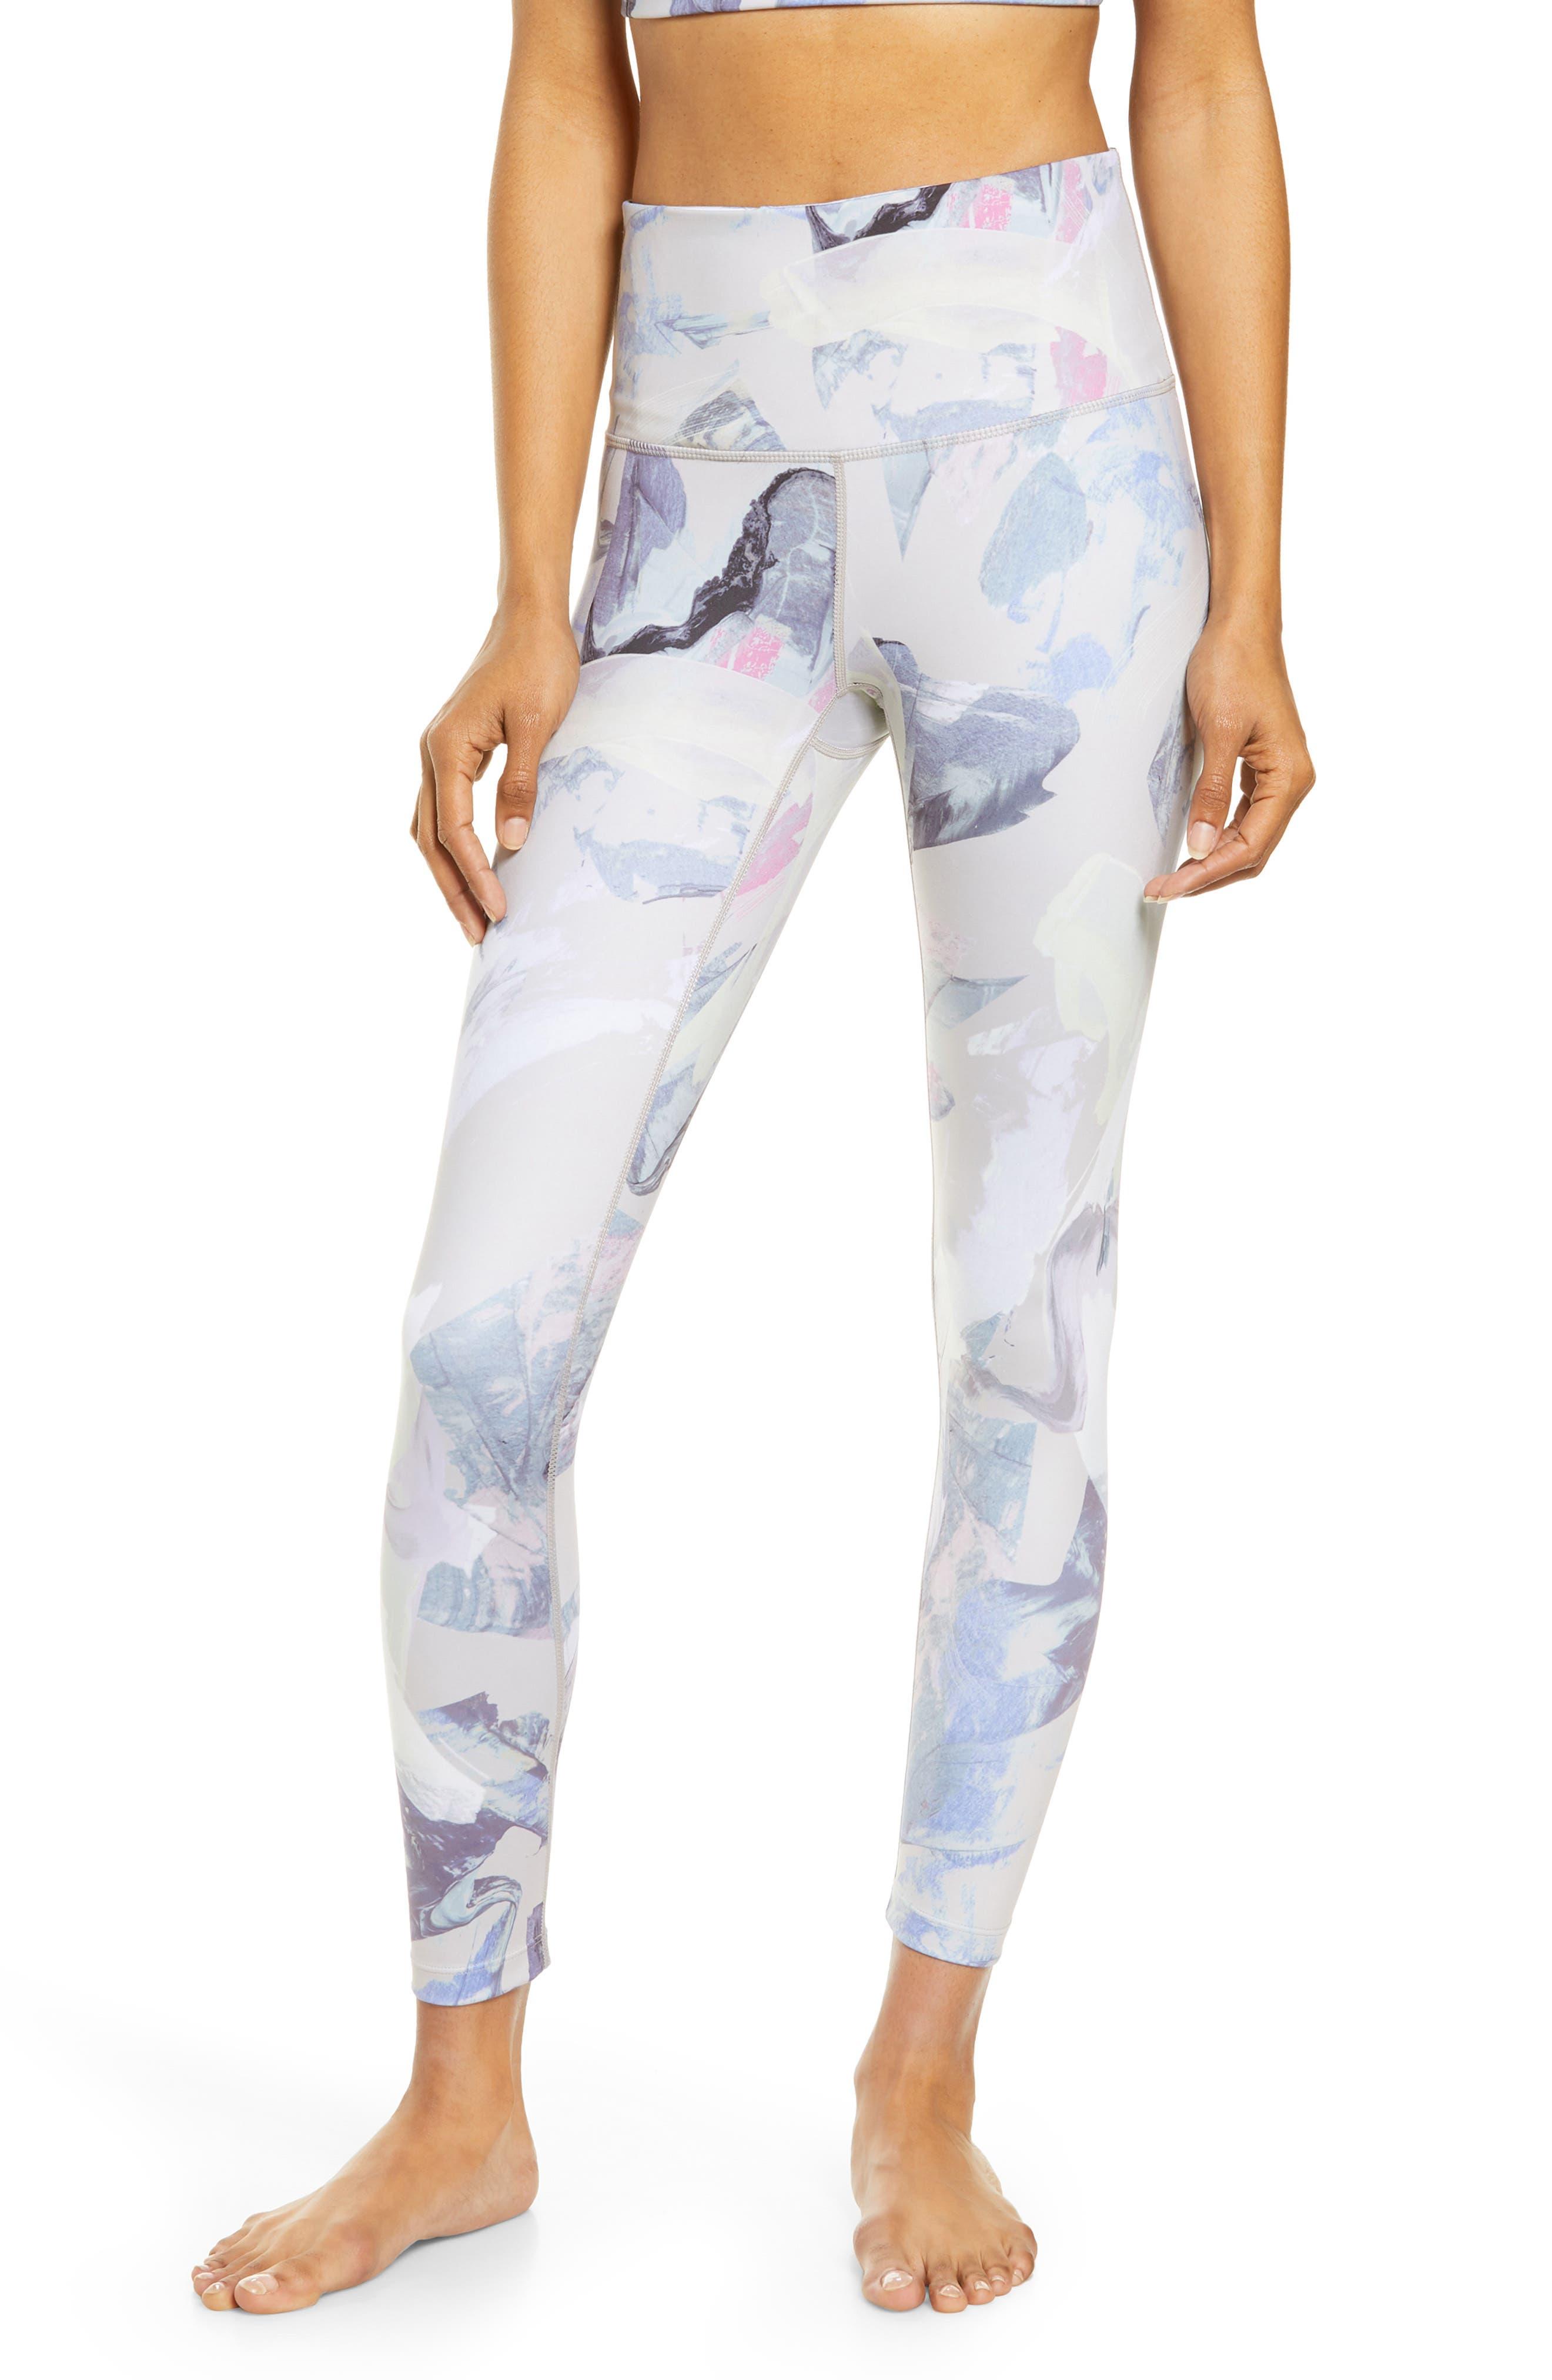 Black Leggings Personalised Geometric Printed Activewear Leggings For Women Women/'s Sportswear Medium-Rise Printed Joggers For Women